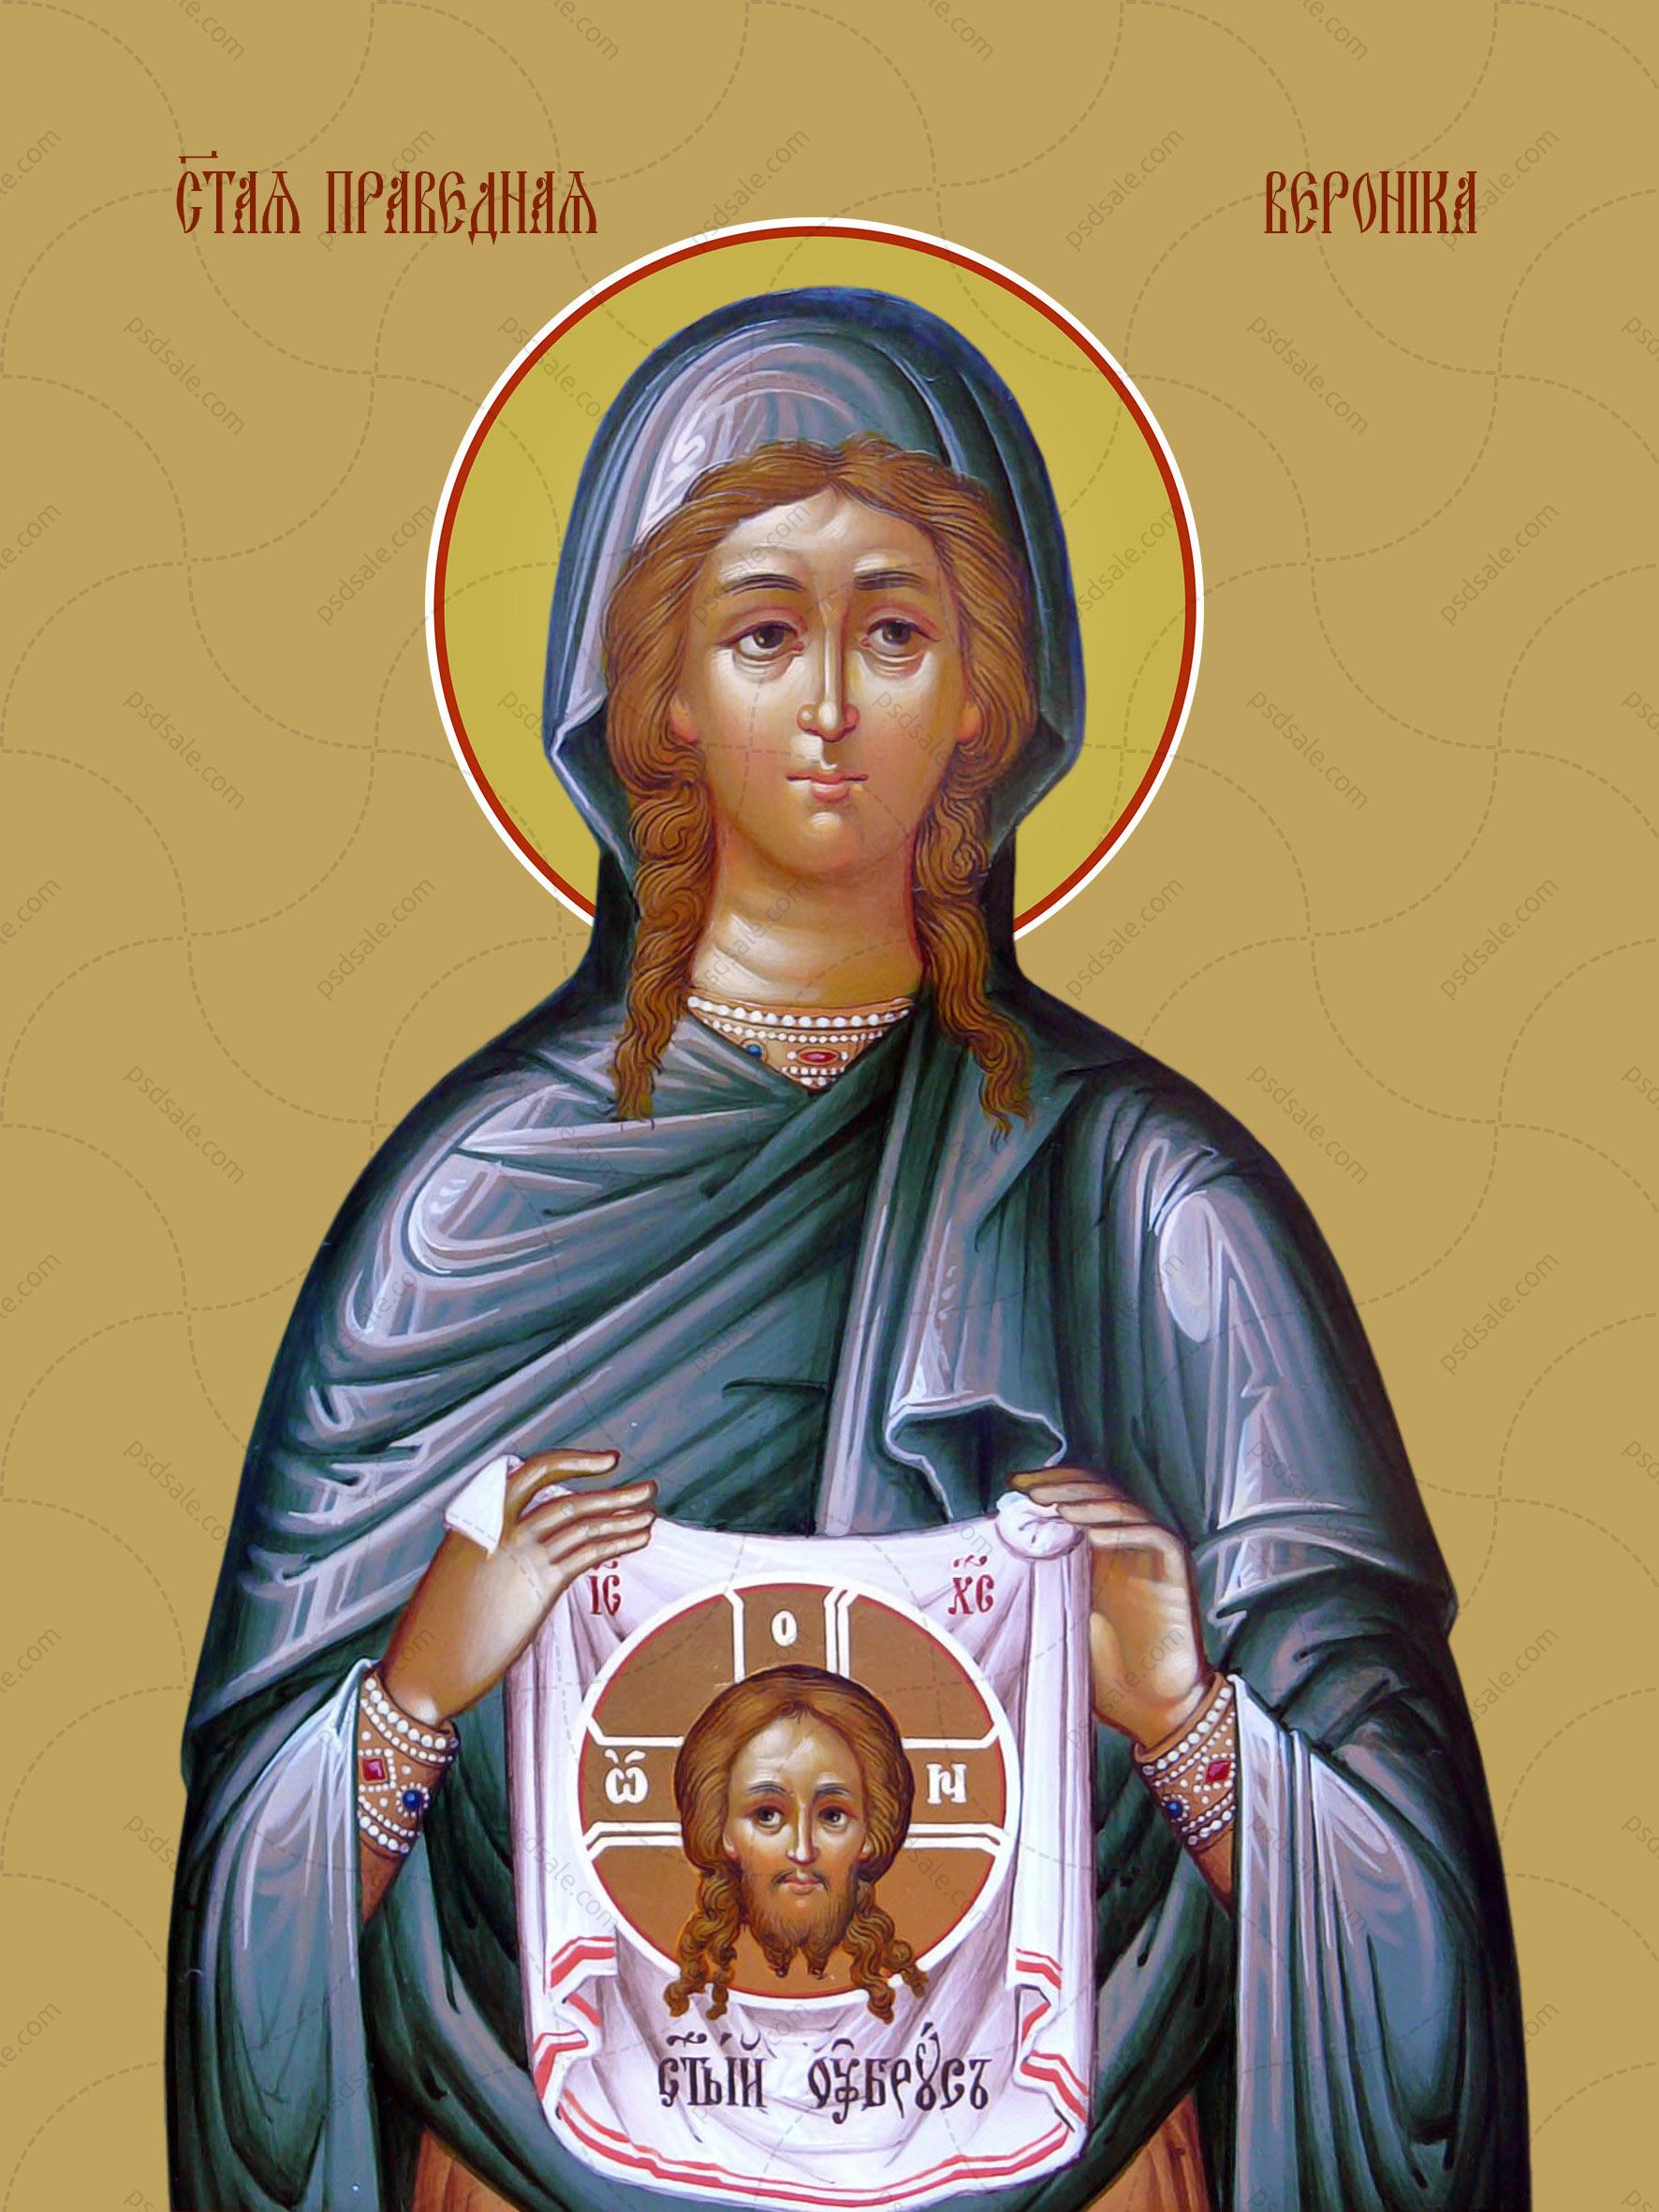 Вероника Коринфская (Ника), святая